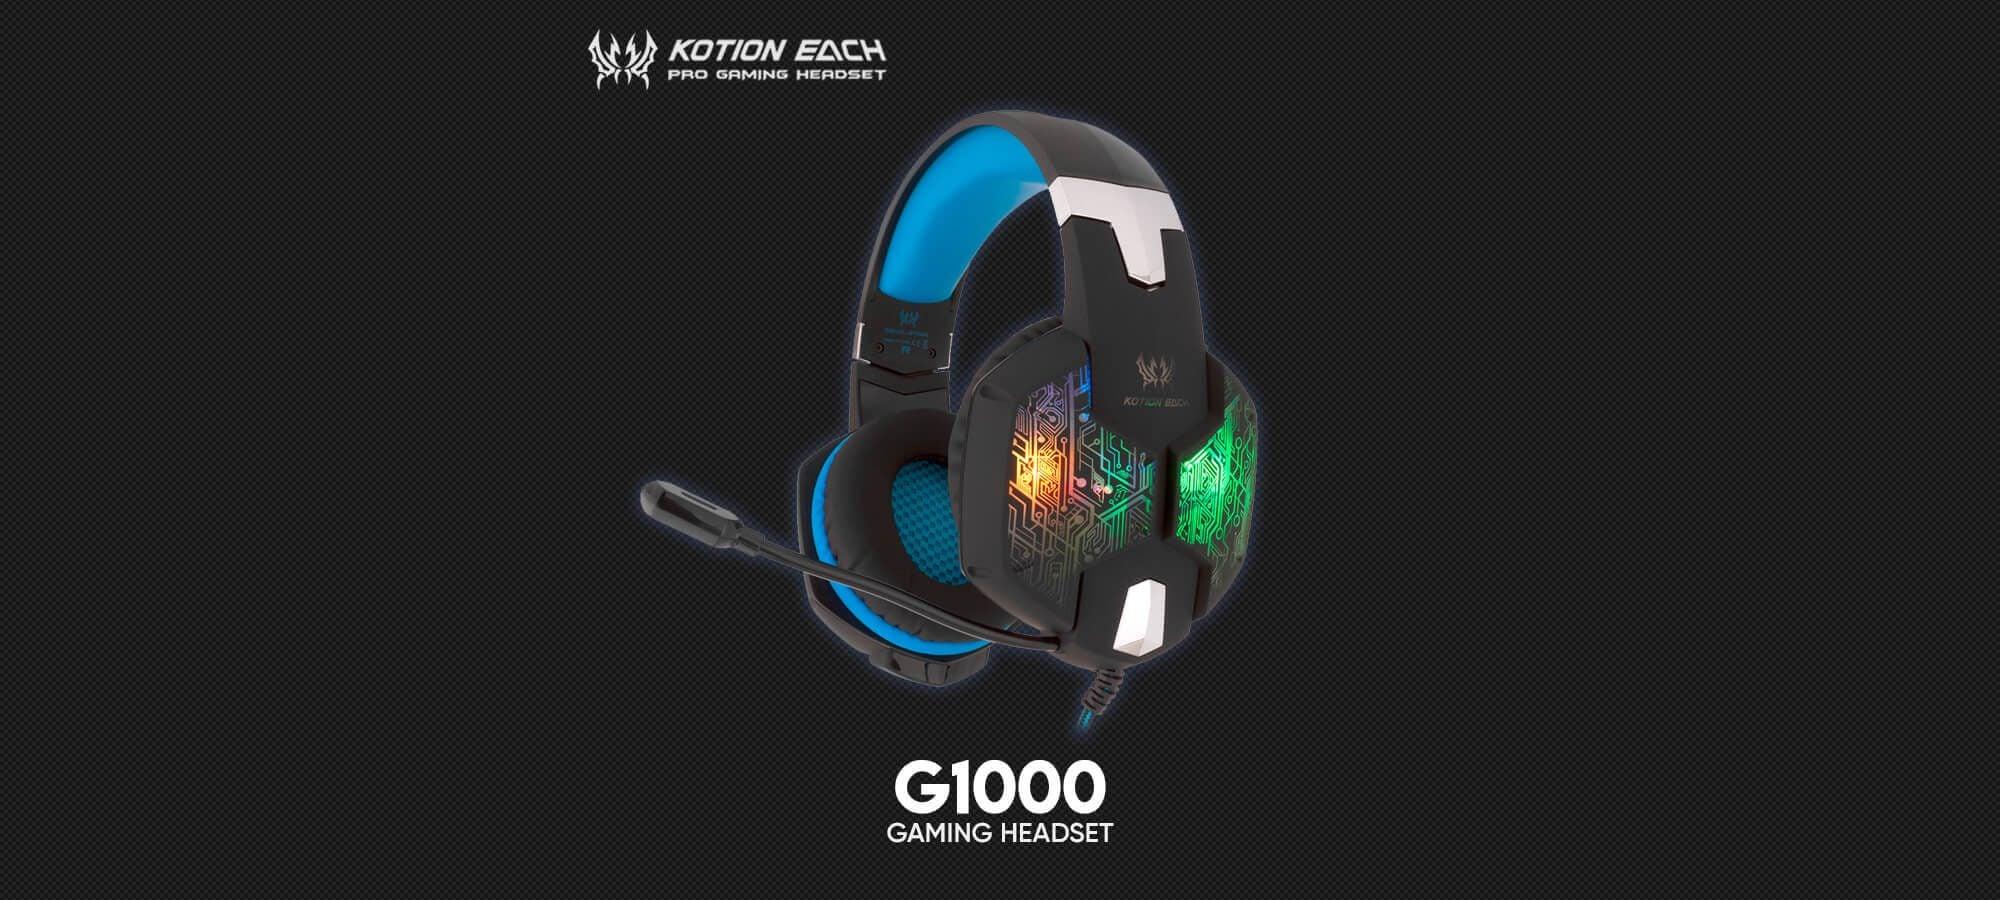 Игровая гарнитура Kotion Each G1000